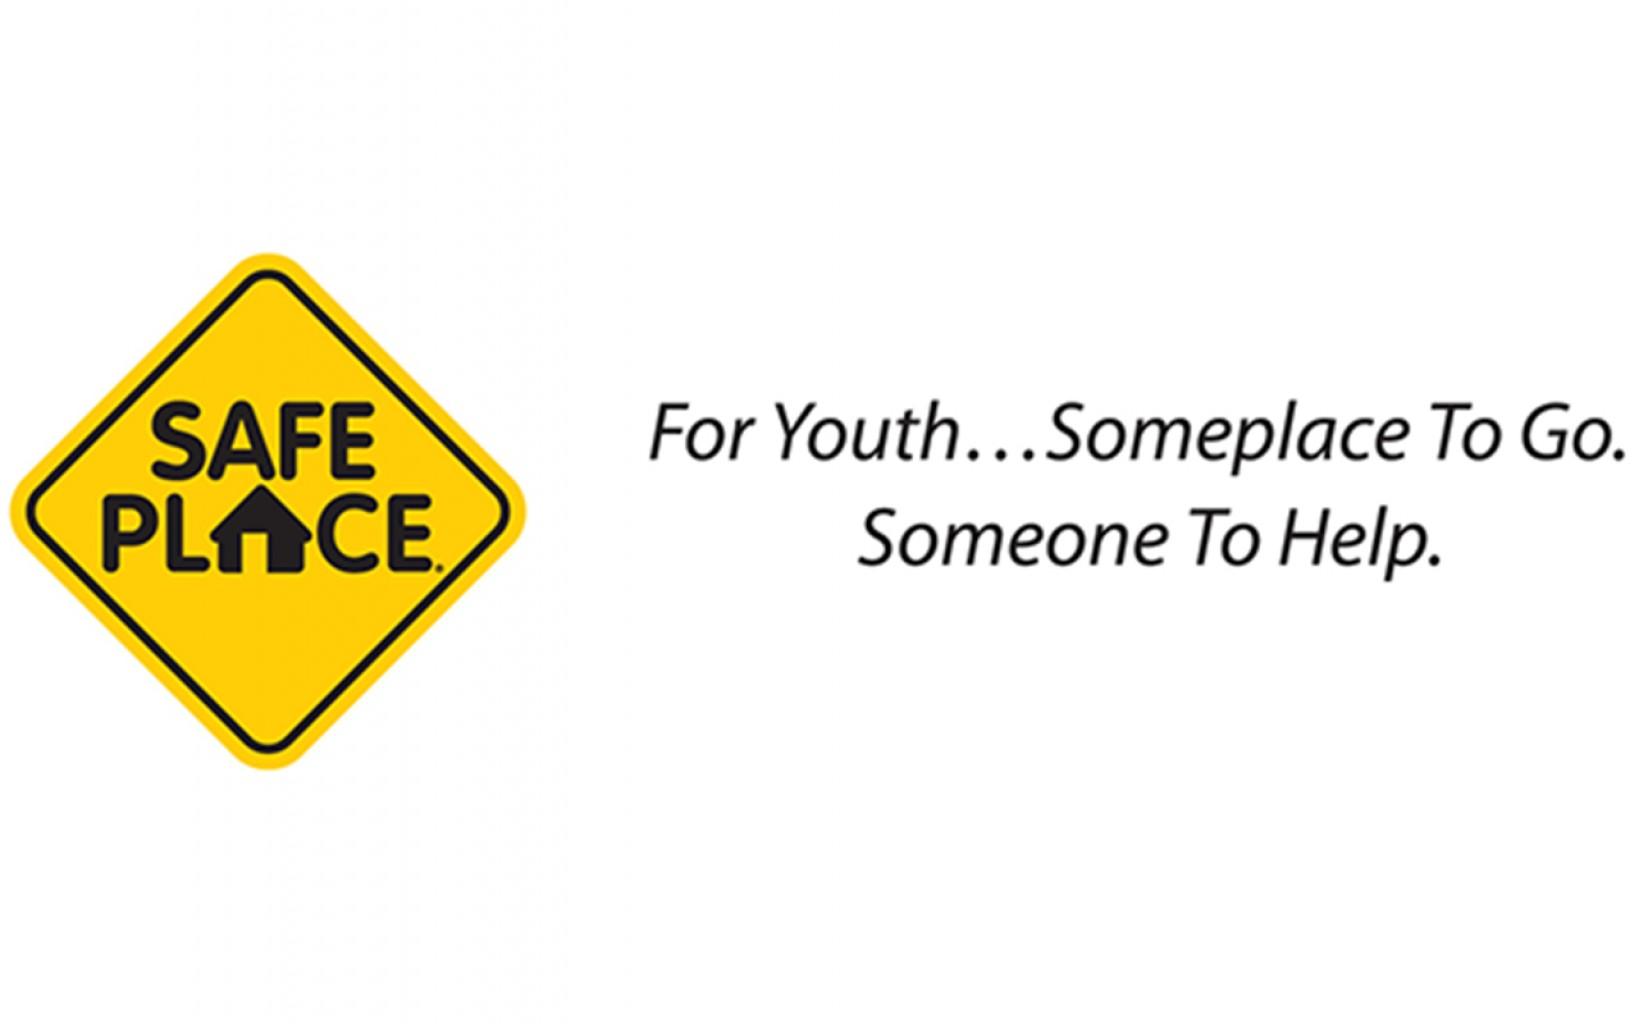 Safe Place vuelve a OKC  para los jóvenes que necesitan ayuda inmediata